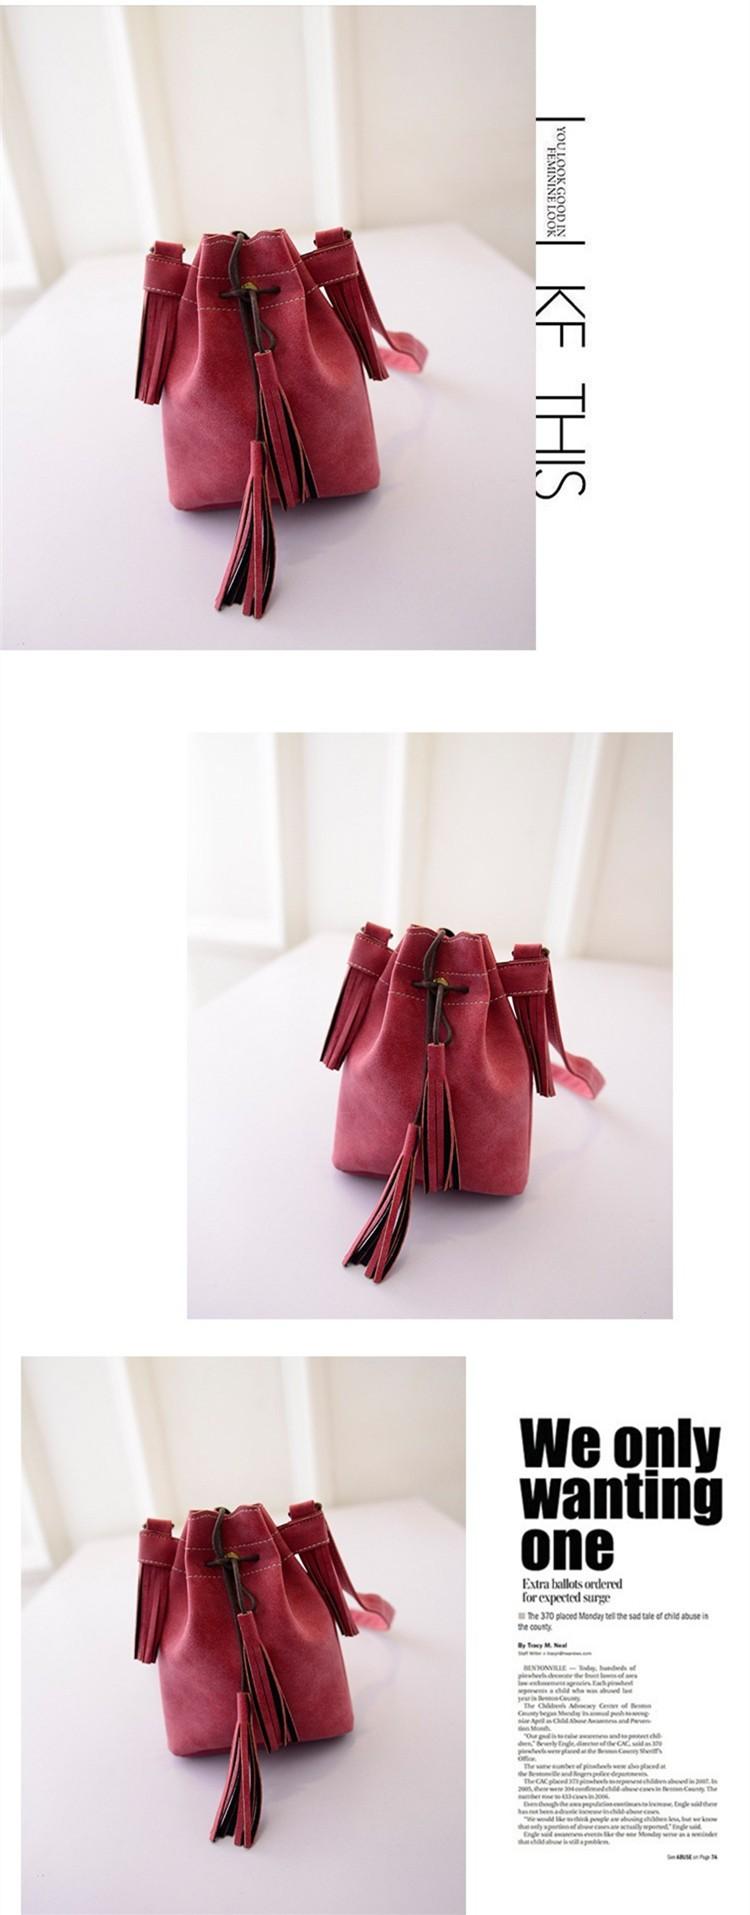 Vintage Bucket Women Shoulder bags Fashion Tassel bags Small Women messenger bags Spring Handbags Tote bolsas femininas BH237 (4)